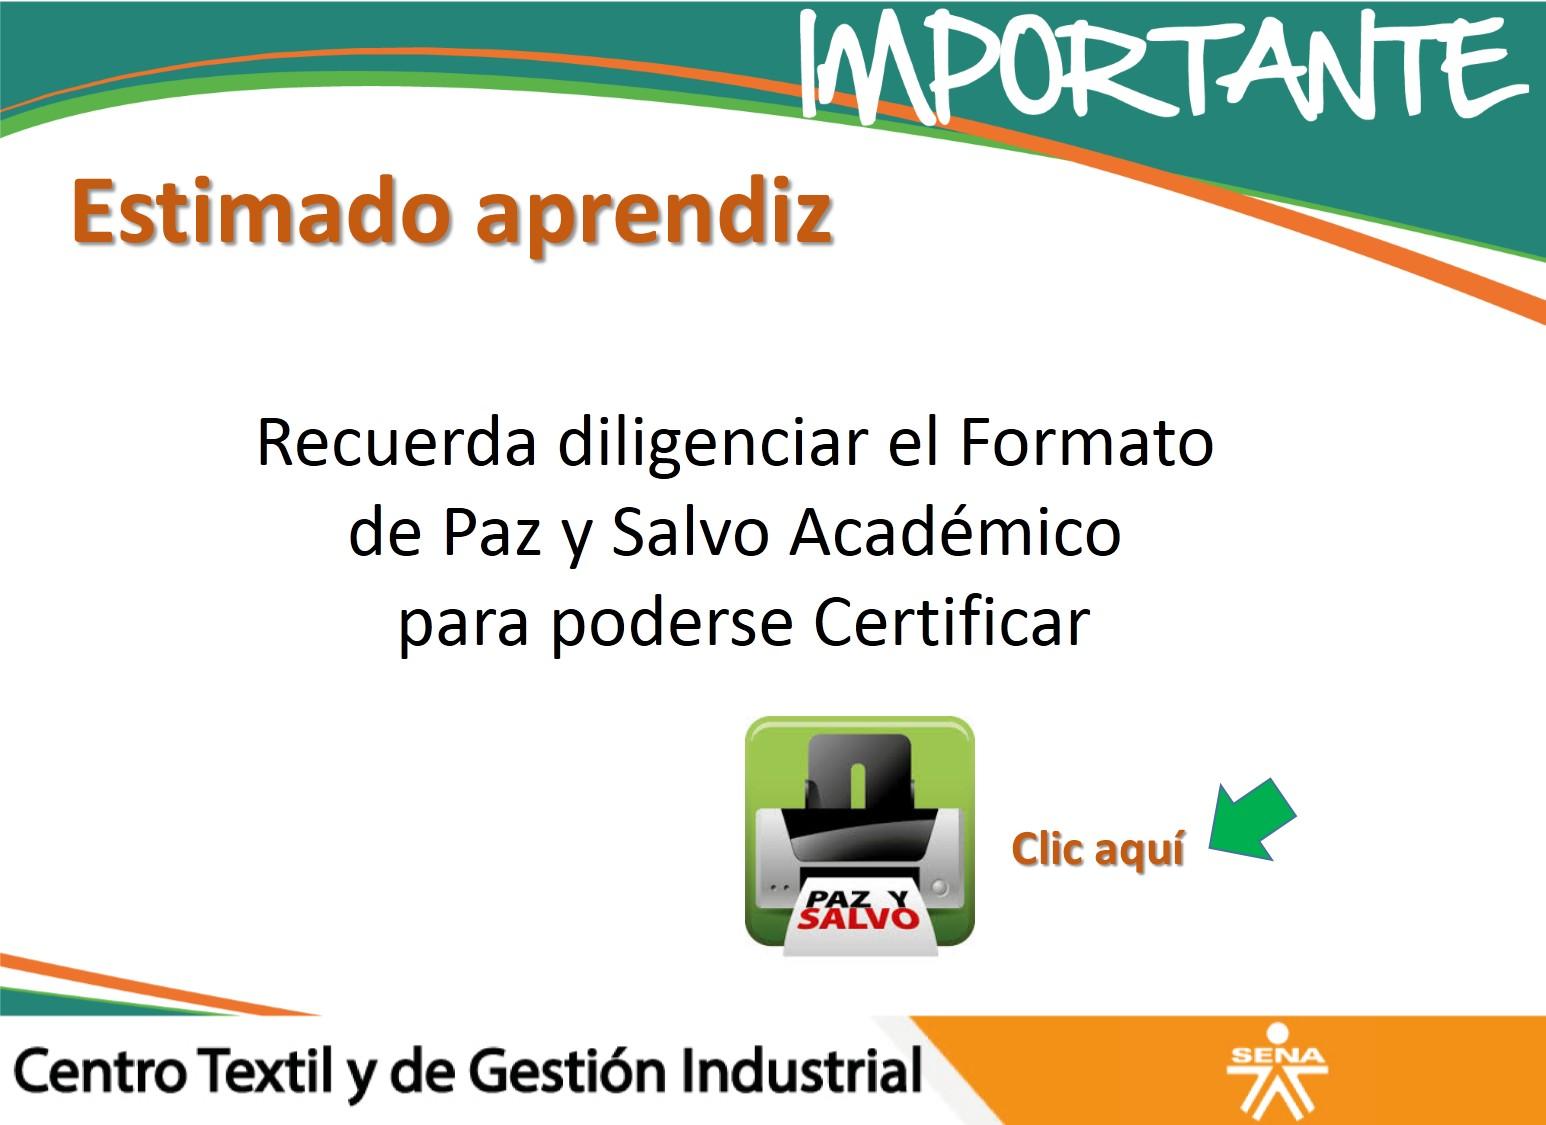 PAZ Y SALVO ACADEMICO PARA CERTIFICACION